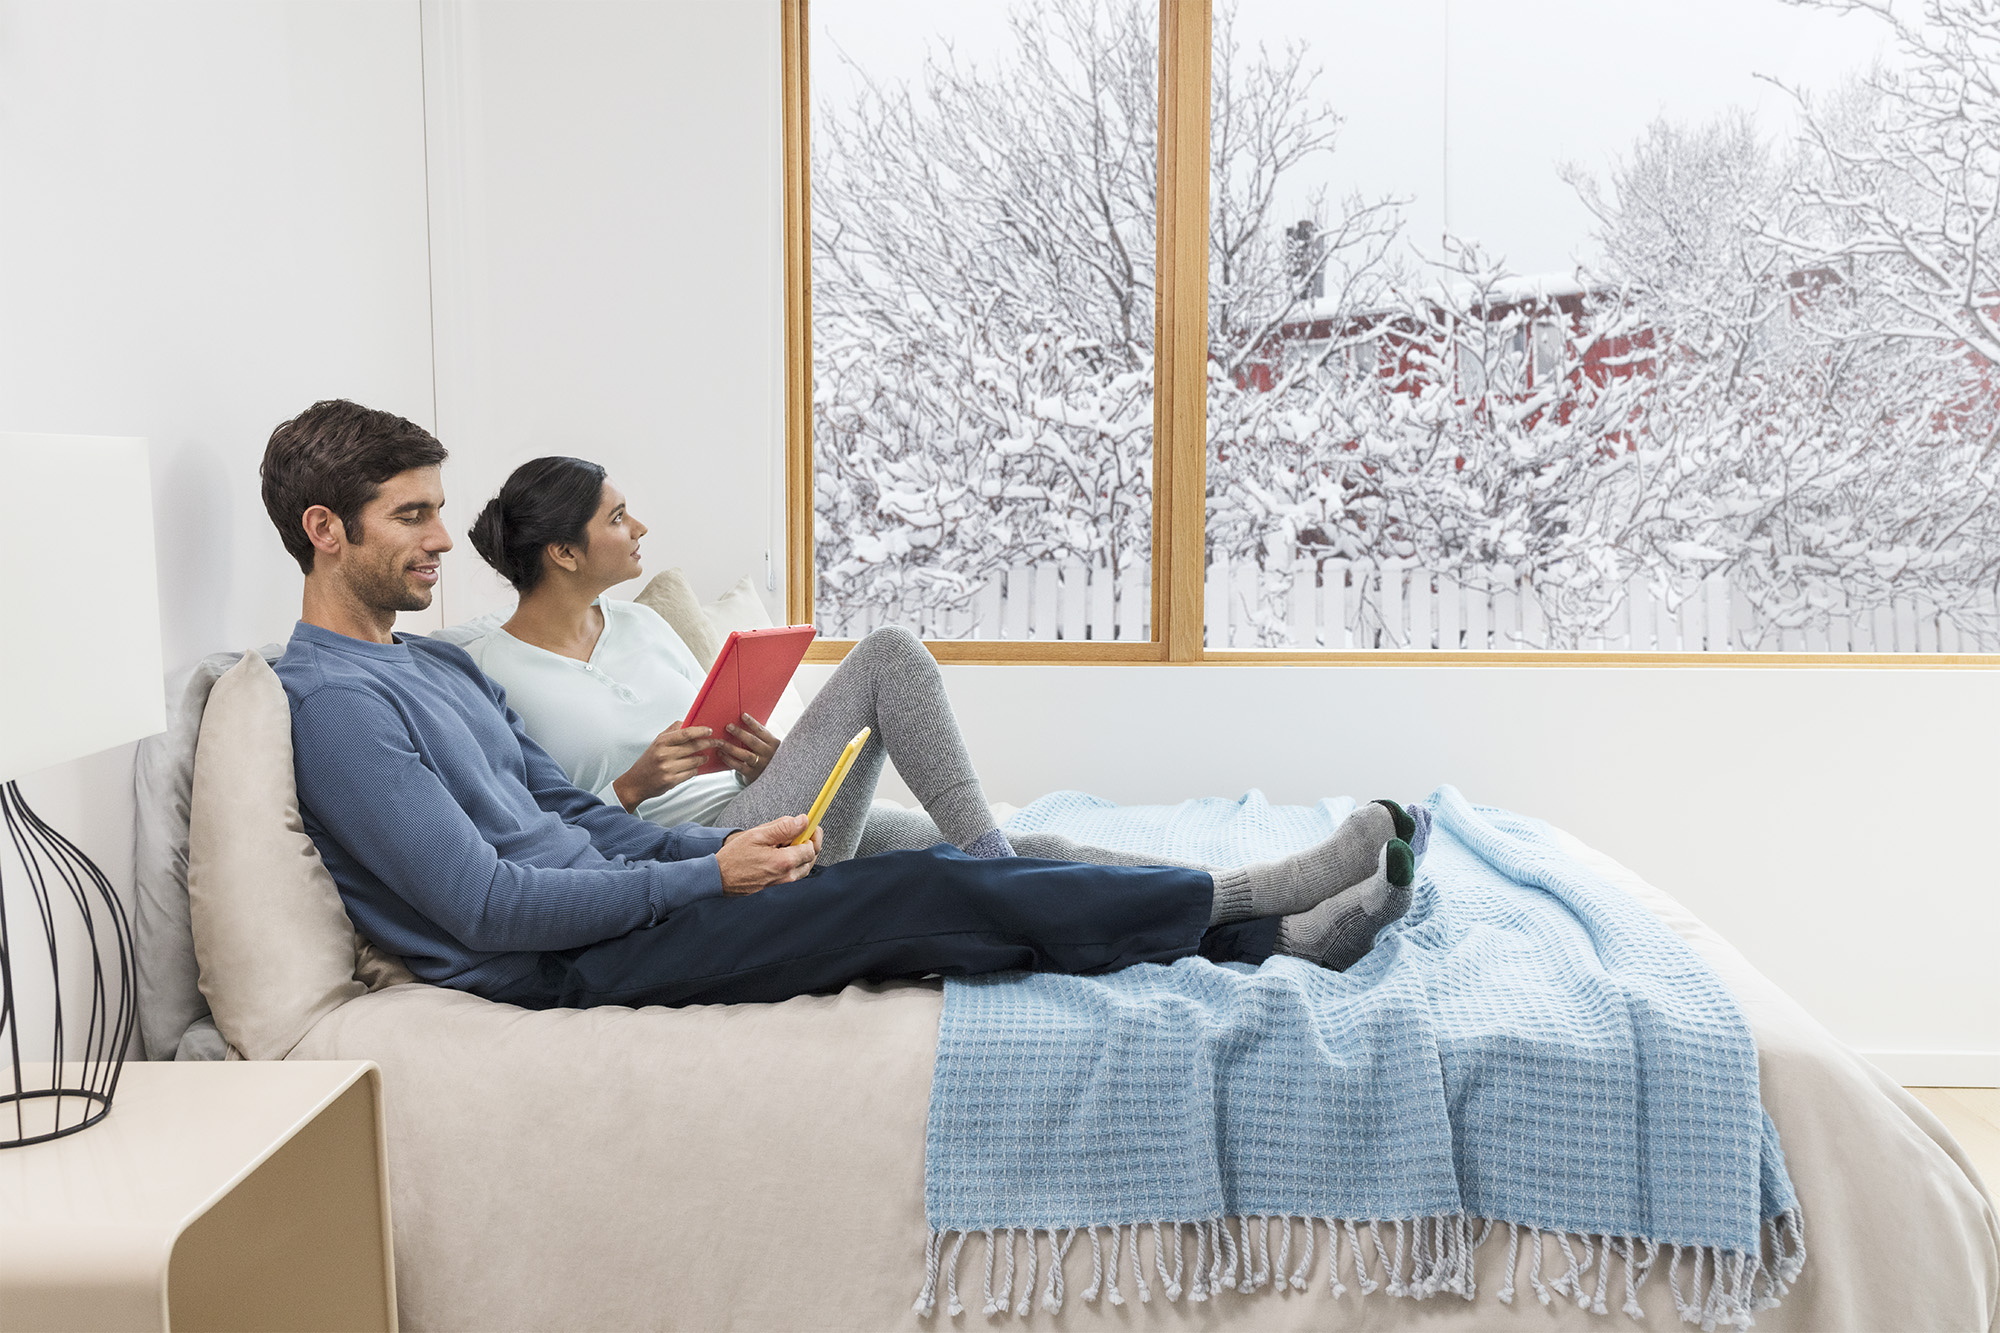 Suez_Bedroom_Holiday_Reading_1607_MAIN_V2_After.jpg